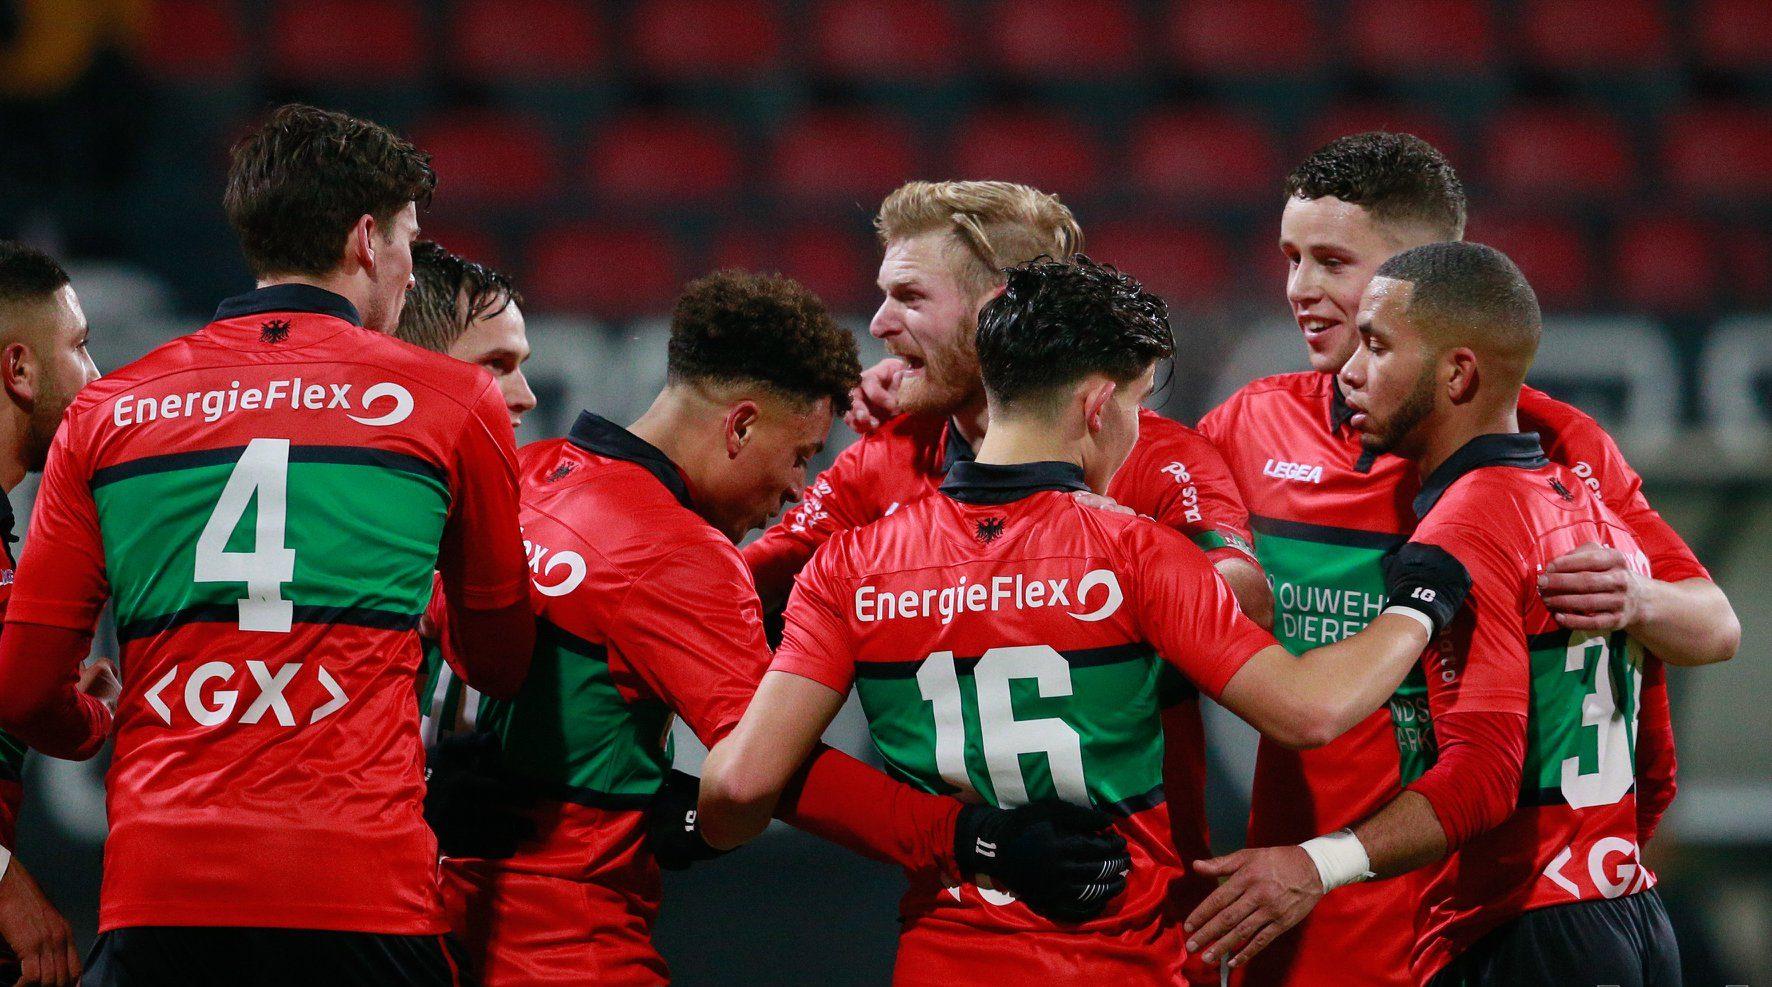 Eredivisie Spareggio, Nijmegen-Waalwijk 10 maggio: analisi e pronostico degli ottavi di finale dello spareggio per la massima serie olandese